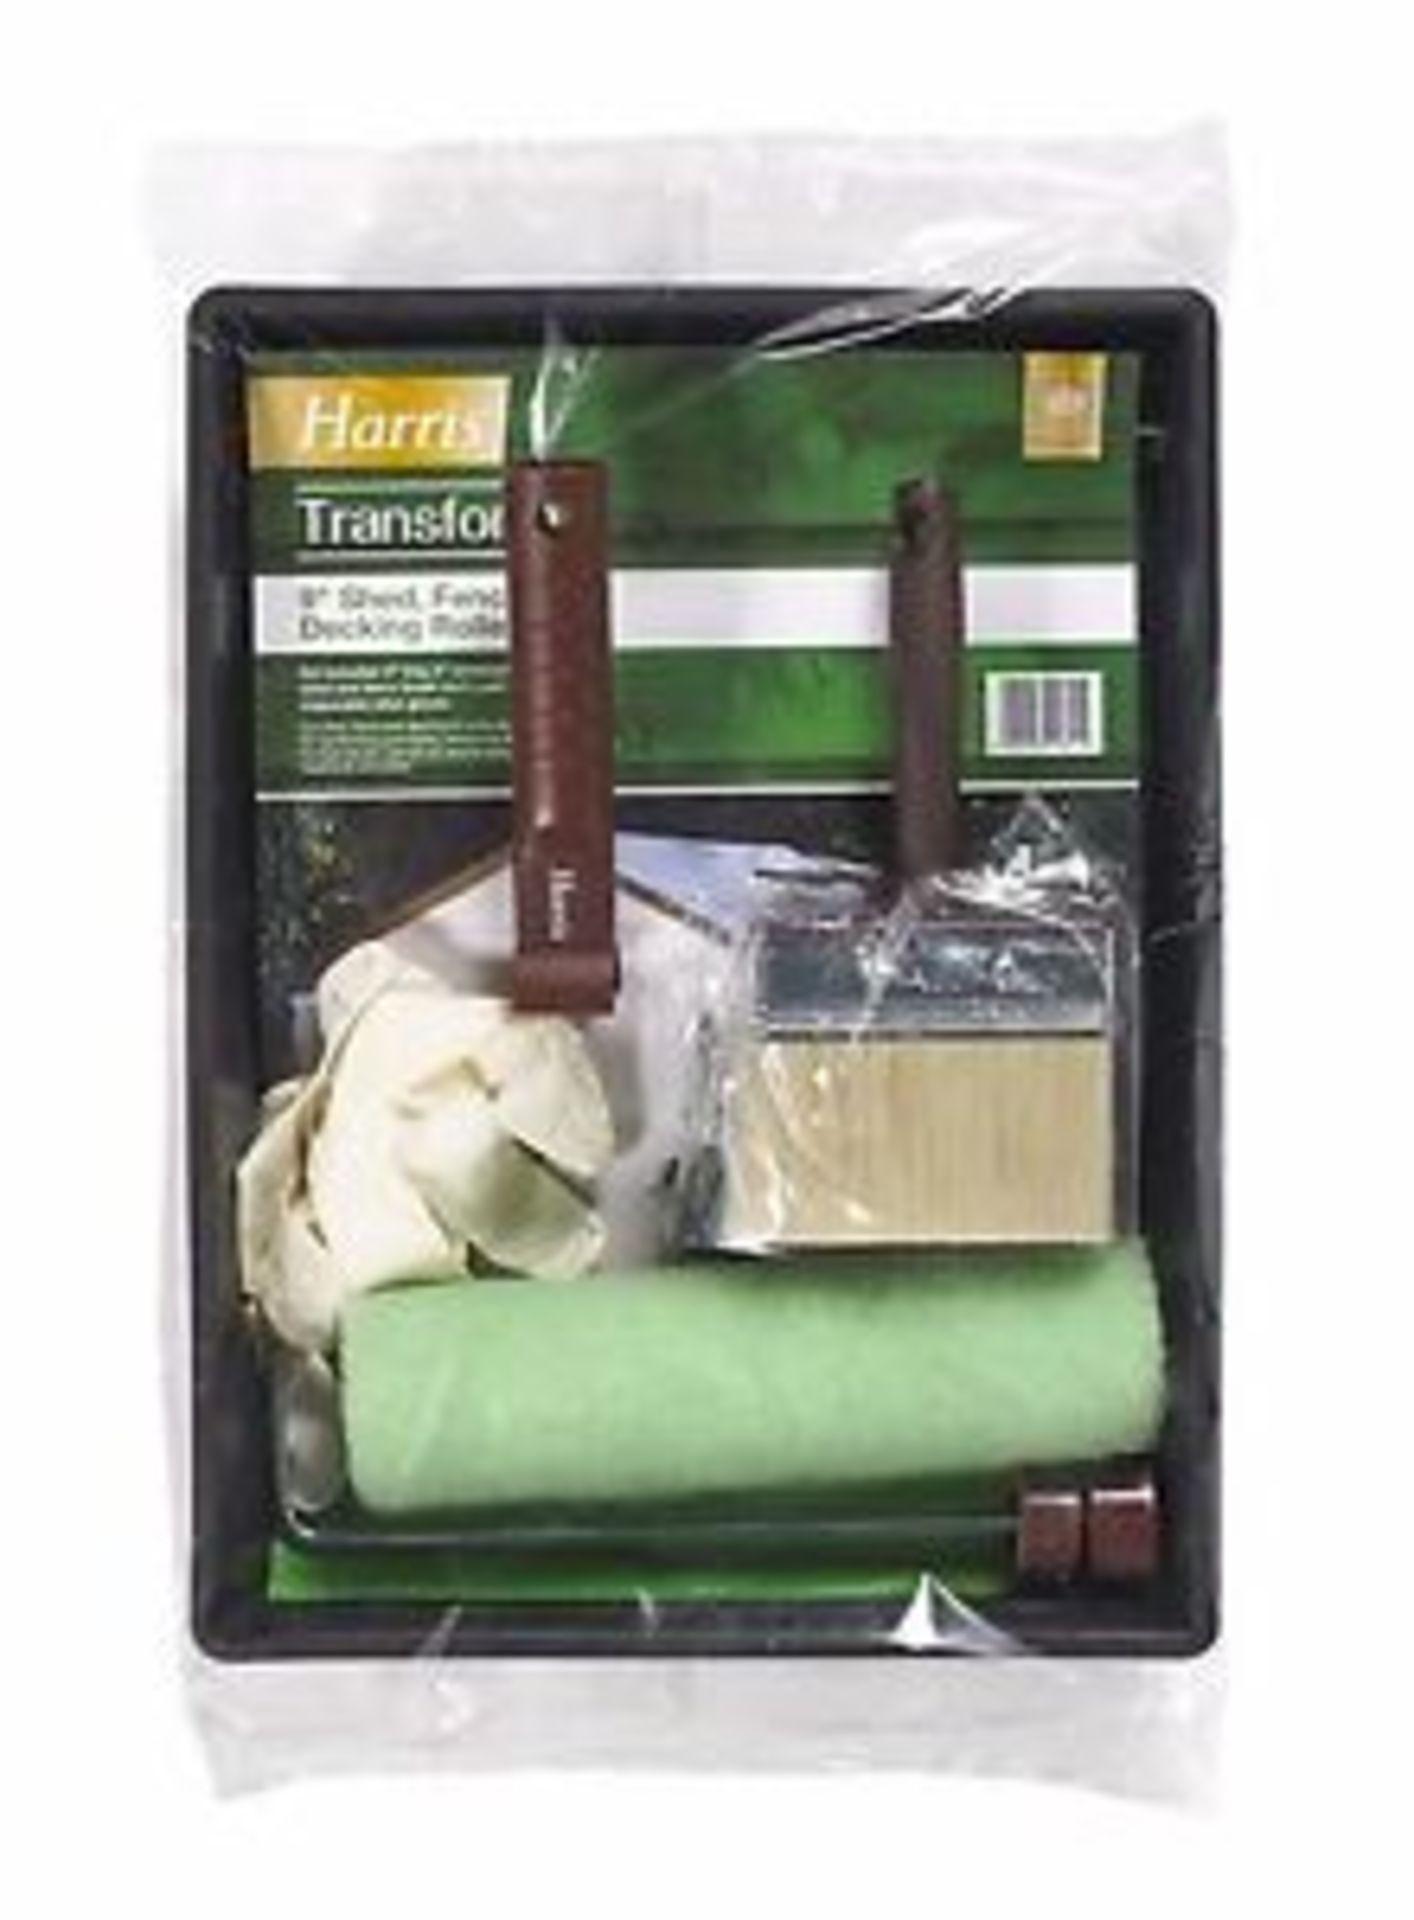 """Lot 10093 - V Brand New Harris Transform 9"""" Shed/Fence 7 Decking Roller Kit"""